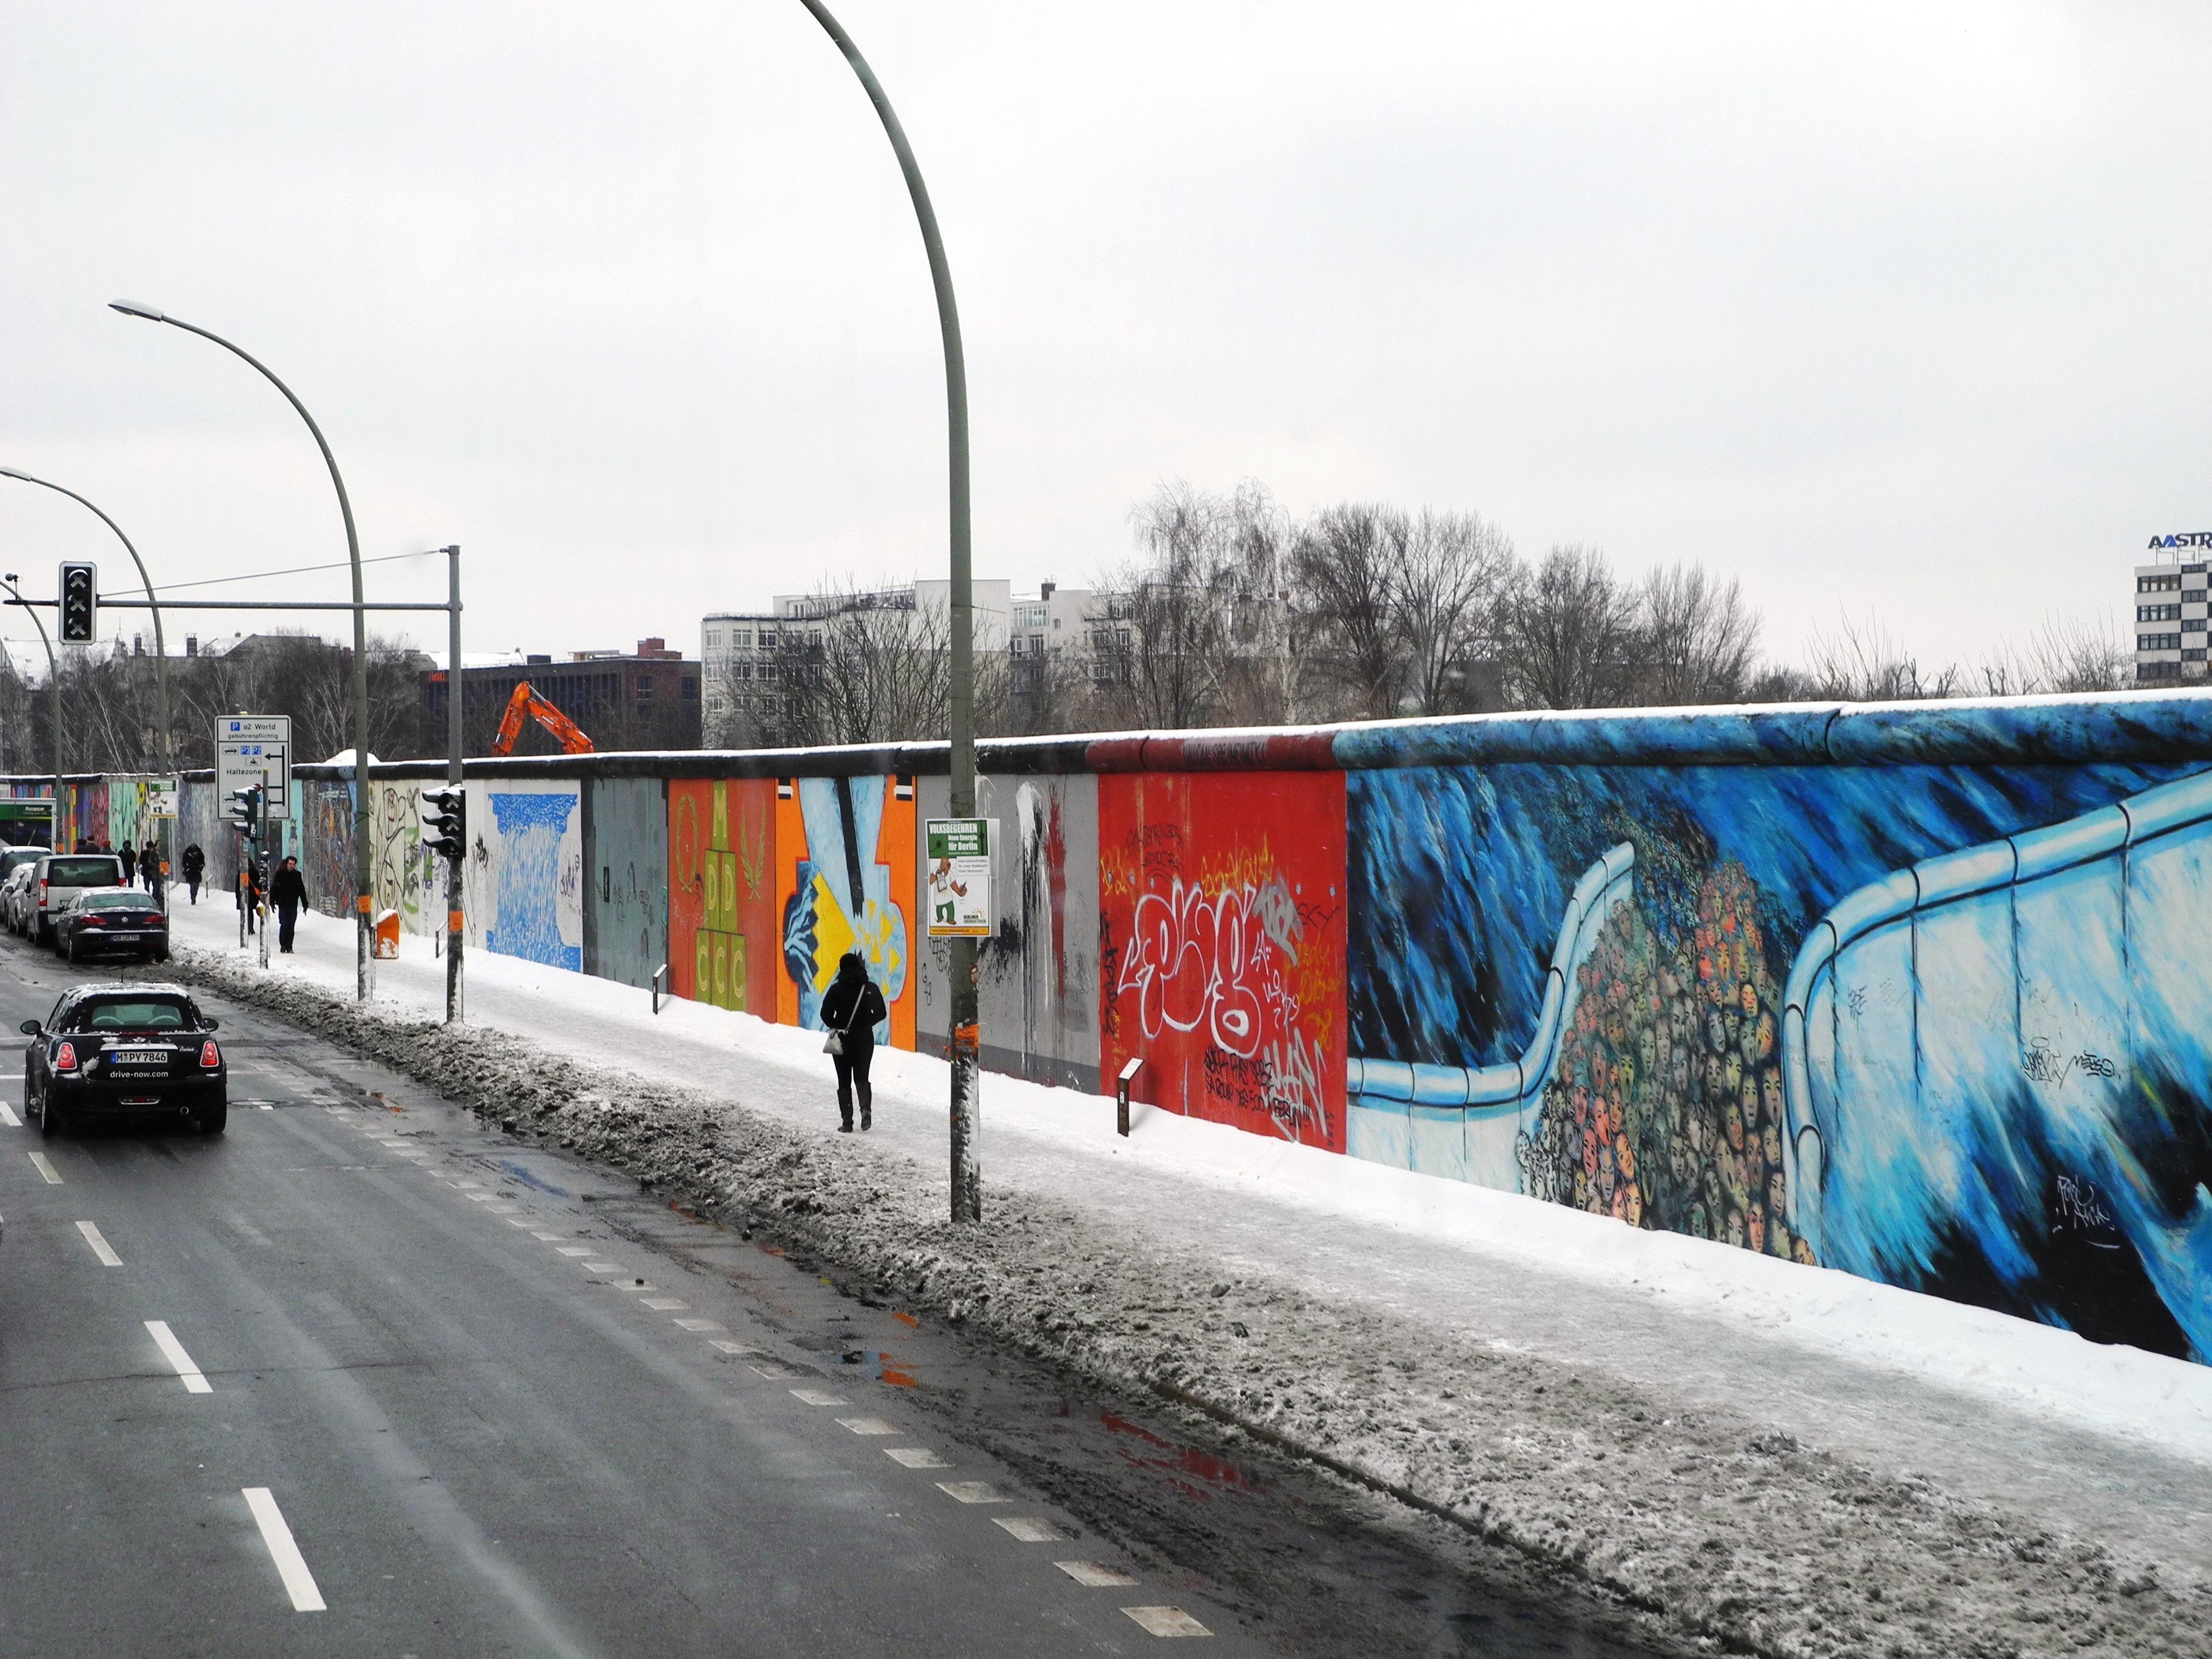 Gambar Salju Musim Dingin Jalan Raya Kota Dinding Mengangkut